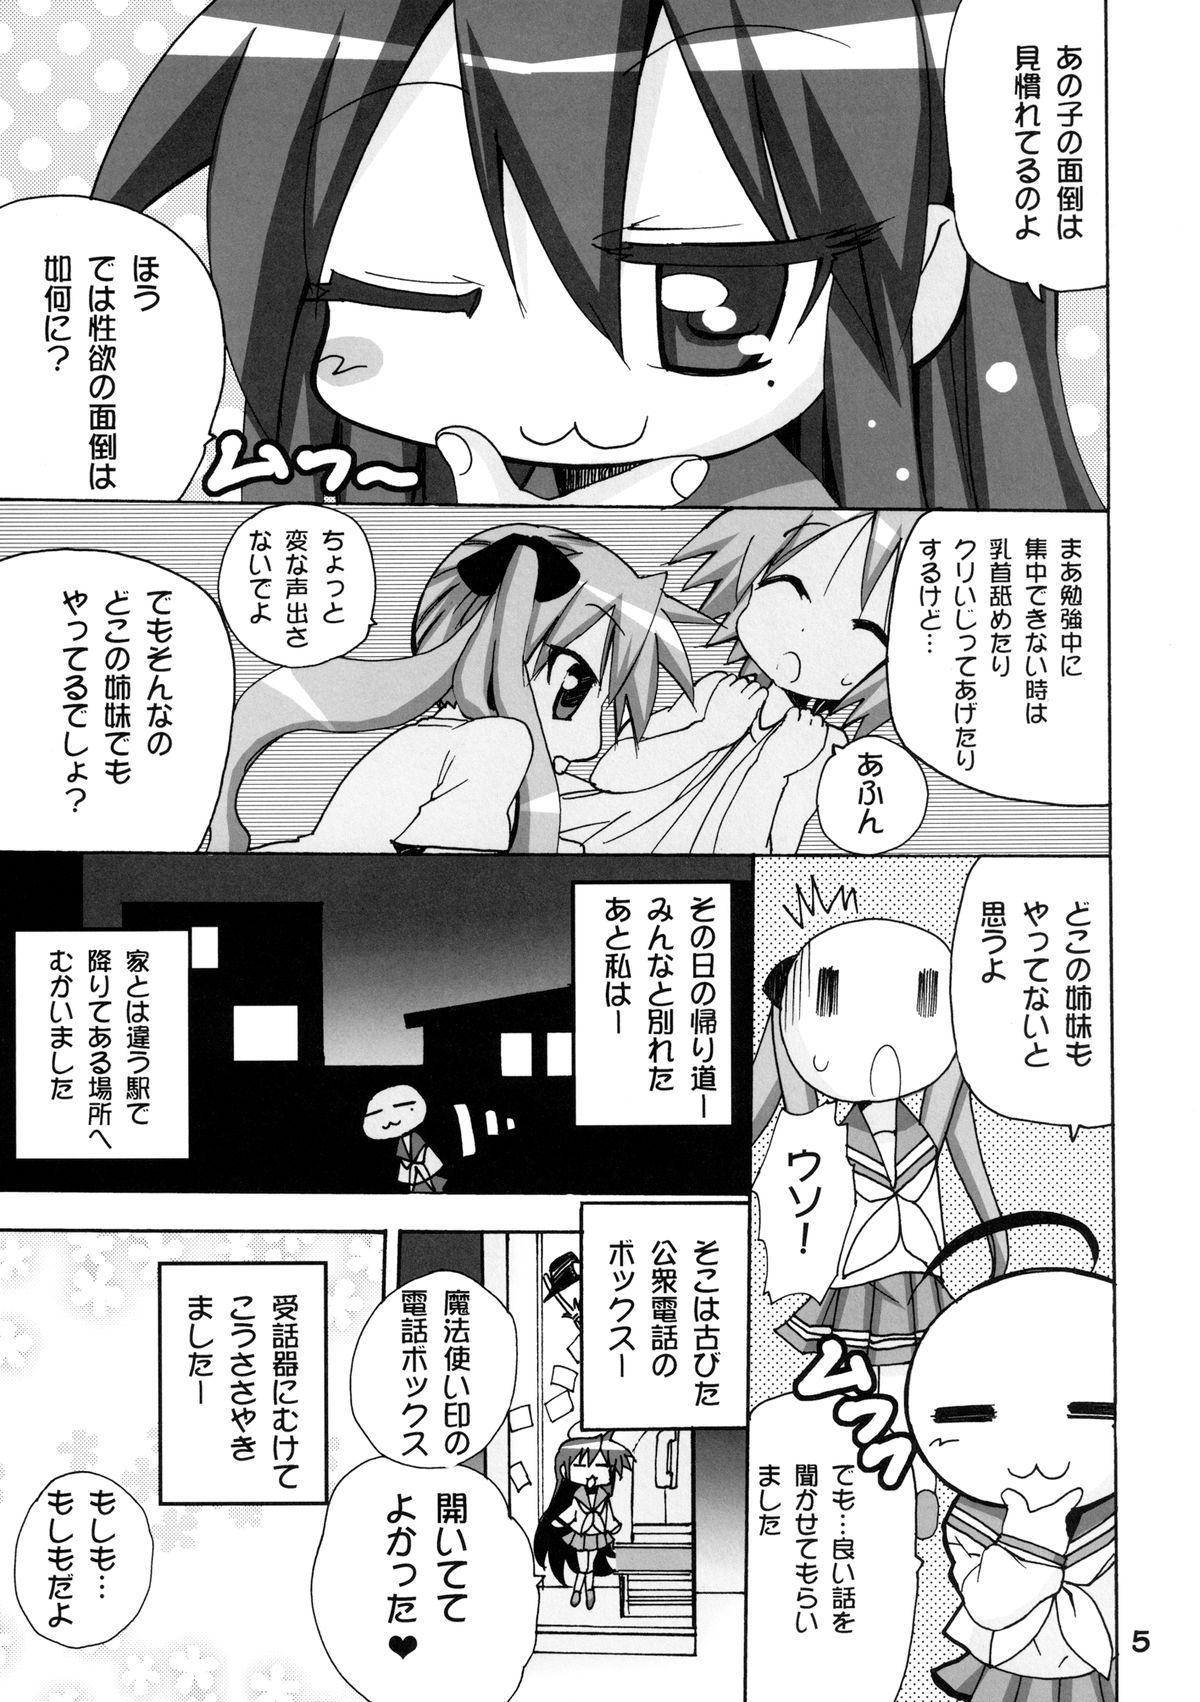 Kagamin no Moshimo Imouto ga Otokonoko Dattara 4